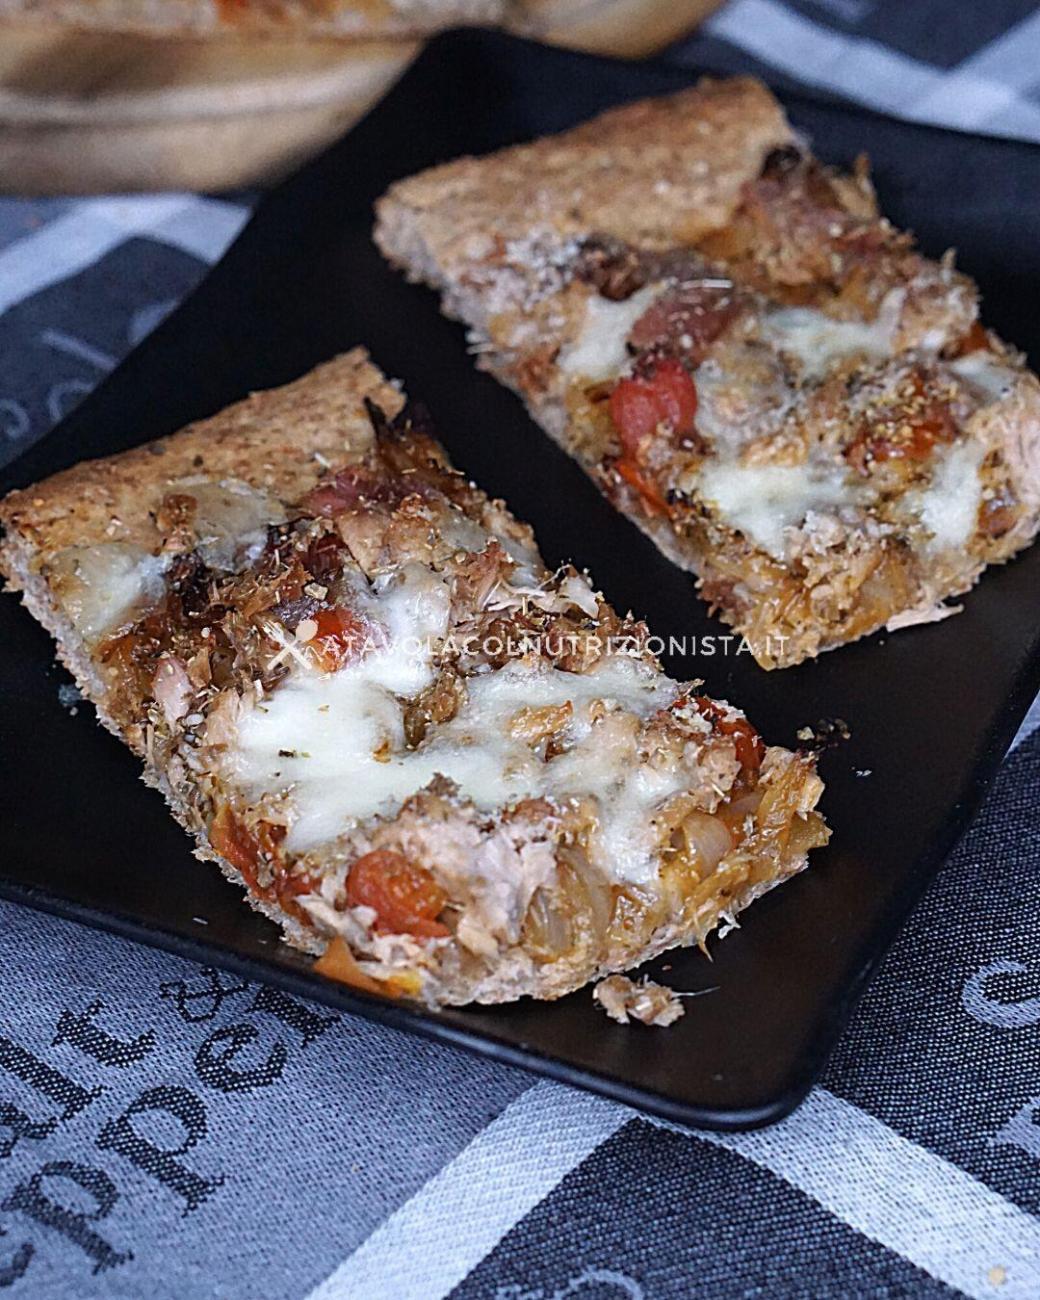 Pizza Integrale in Teglia Anti Sgarro